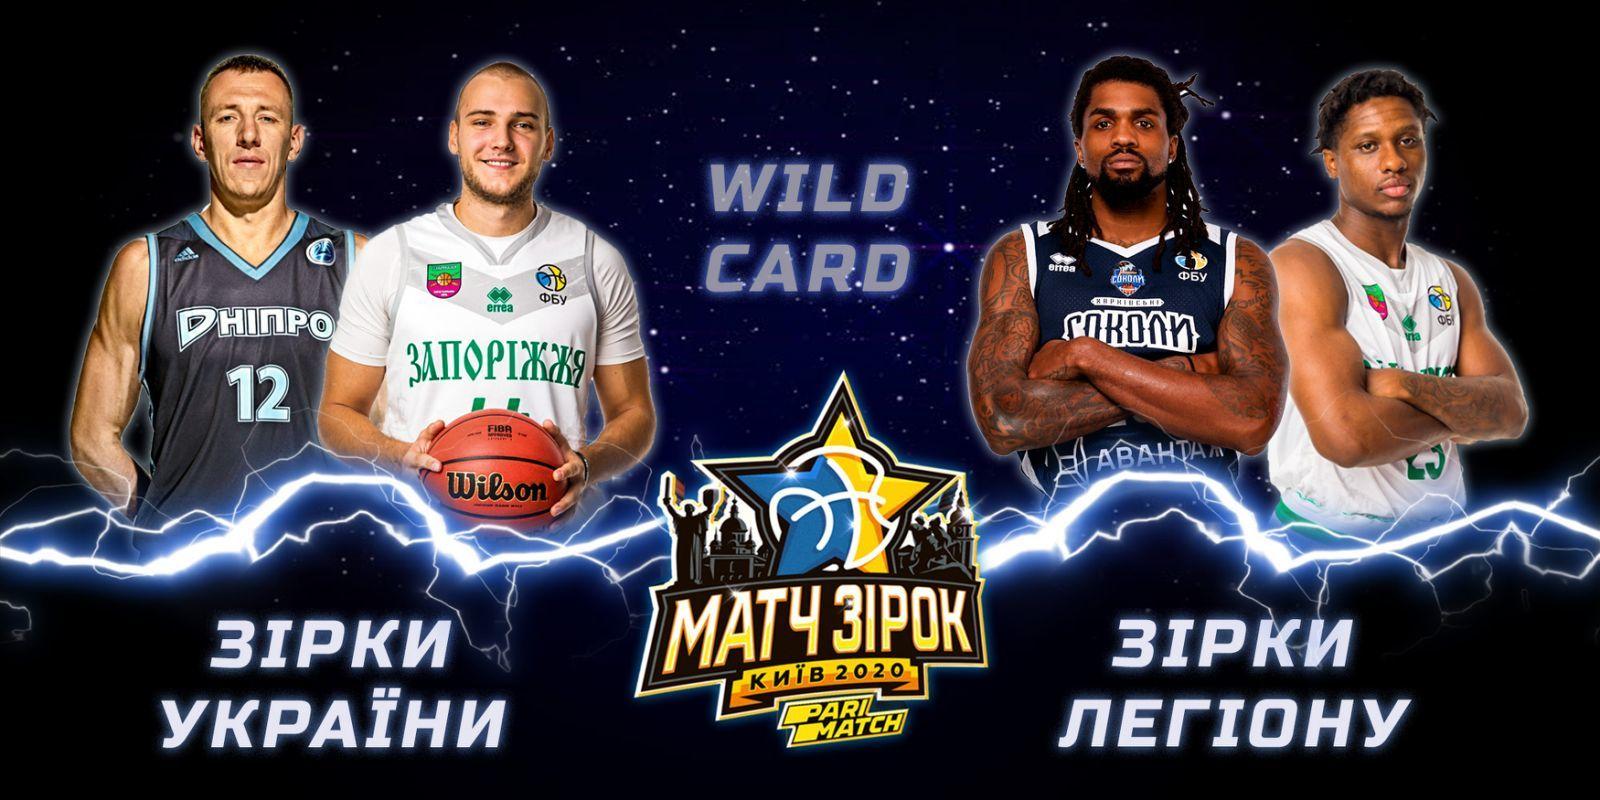 Визначено володарів Wild Card та сформовано повні склади команд України та Легіону на Матч Зірок Суперліги-2020